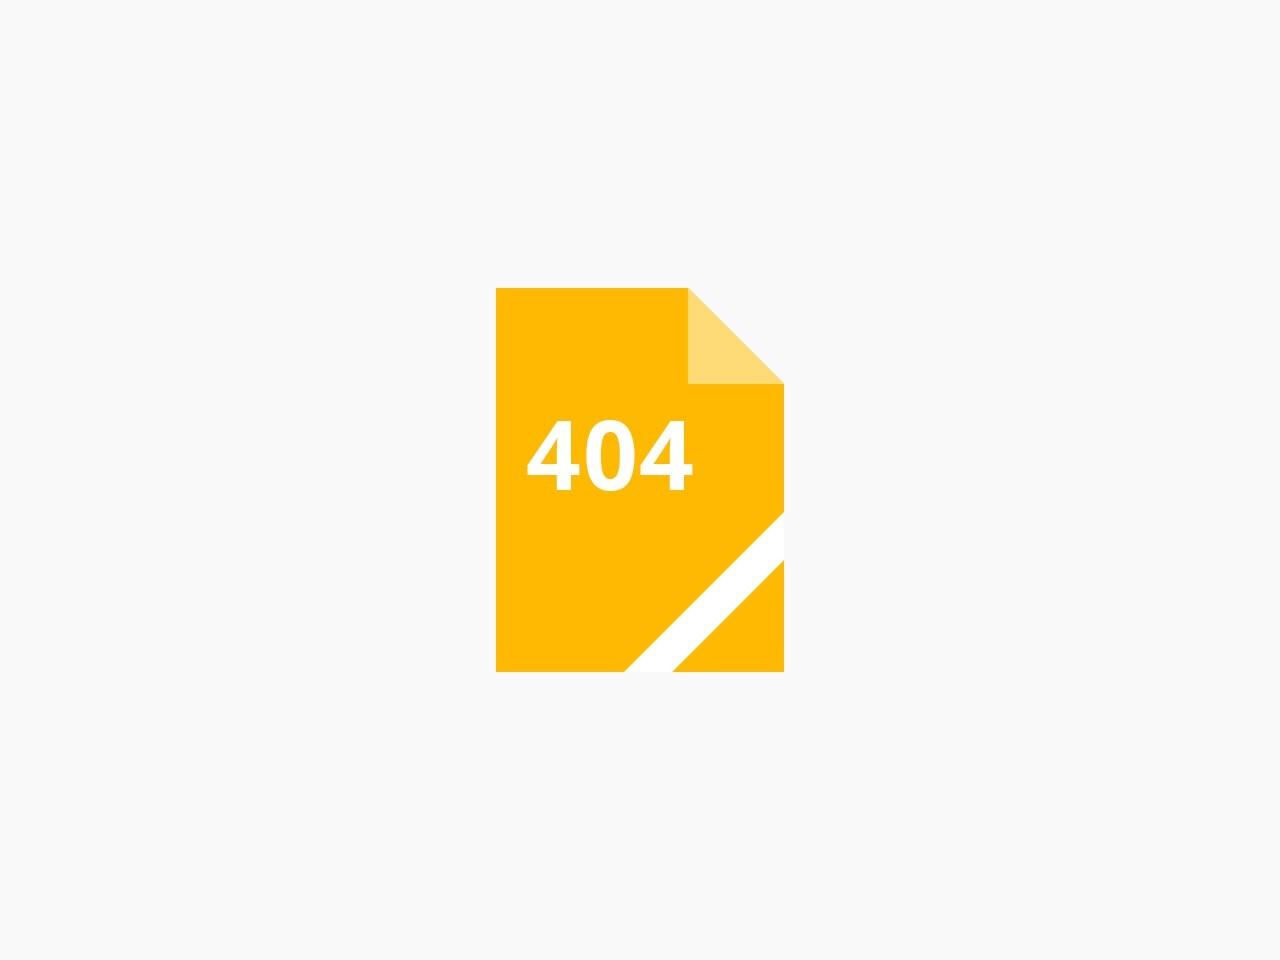 【徵選預告】第三屆臺中市工藝師遴選暨駐館計畫